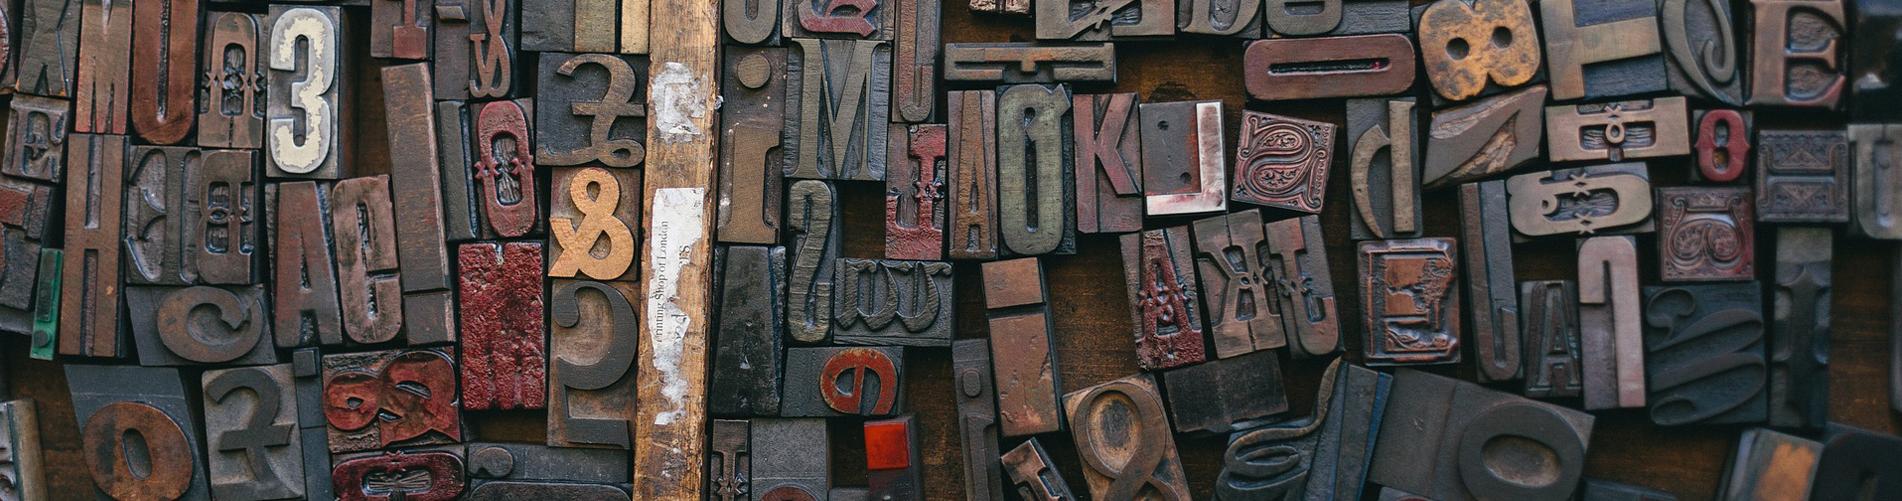 maquetacion_catalogo-majadahonda-paginas_web-logotipo-identidad_corporativa-boadilla-las_rozas-madrid-carteleria_gran_formato-redes_sociales-seo